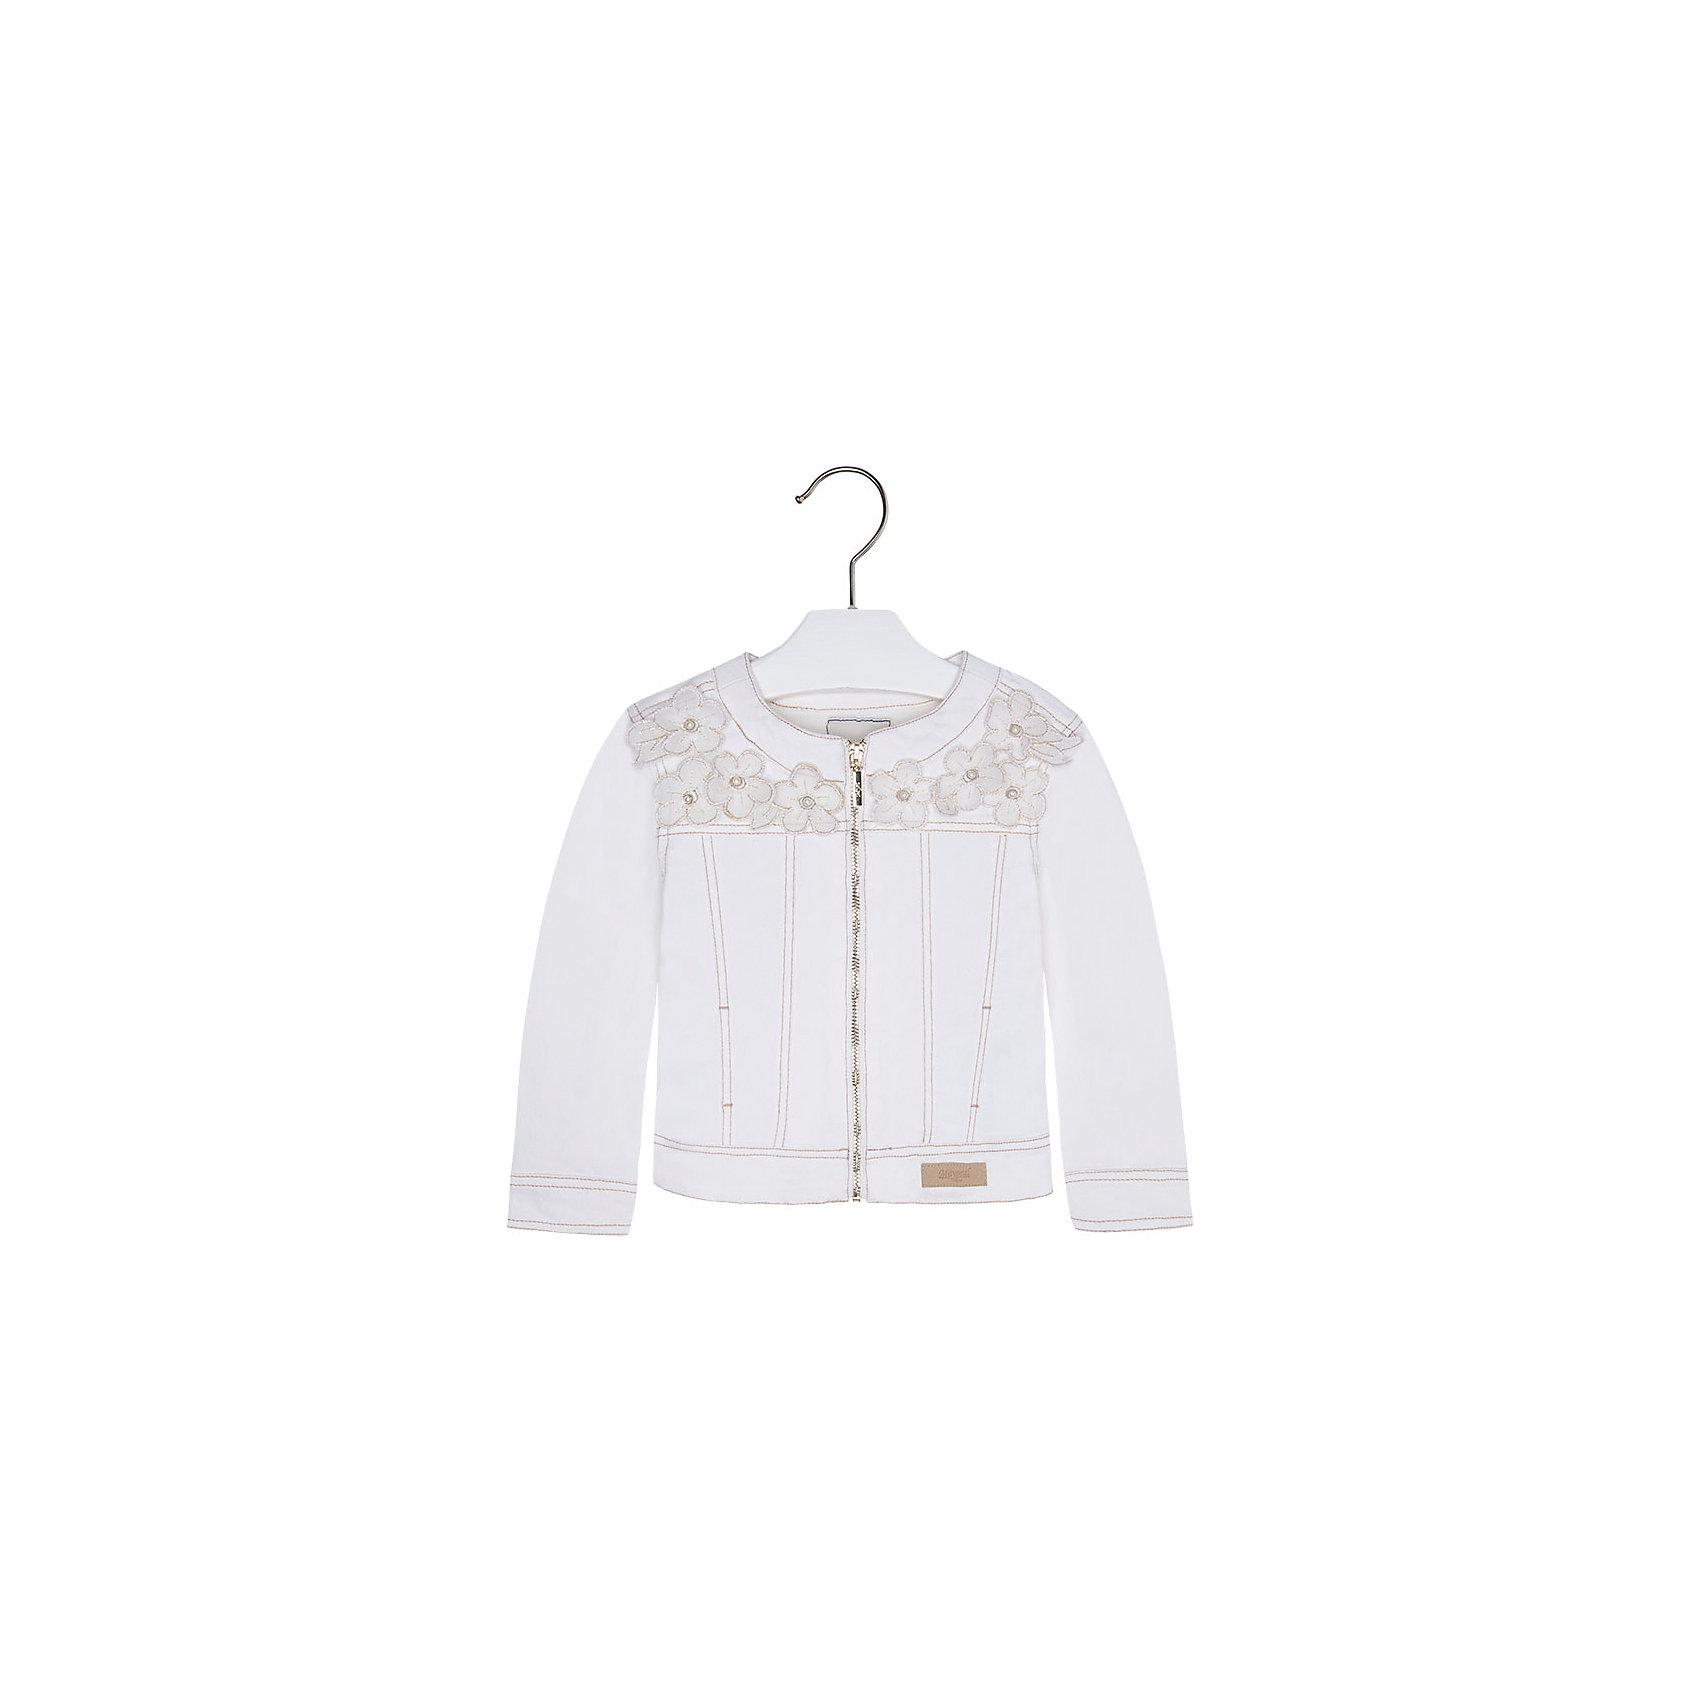 Куртка для девочки MayoralКуртка для девочки от известной испанской марки Mayoral подчеркнет индивидуальность юной модницы. <br><br>Дополнительная информация:<br><br>- Мягкая ткань.<br>- Стильный дизайн.<br>- Застегивается на молнию.<br>- Манжеты рукавов на пуговицах.<br>- Аппликация в виде цветов.<br>- Декоративная отстрочка. <br>- Состав: 98% хлопок, 2% эластан. <br><br>Куртку для девочки Mayoral (Майорал) можно купить в нашем магазине.<br><br>Ширина мм: 356<br>Глубина мм: 10<br>Высота мм: 245<br>Вес г: 519<br>Цвет: белый<br>Возраст от месяцев: 96<br>Возраст до месяцев: 108<br>Пол: Женский<br>Возраст: Детский<br>Размер: 134,128,116,104,92,98,110,122<br>SKU: 4542134